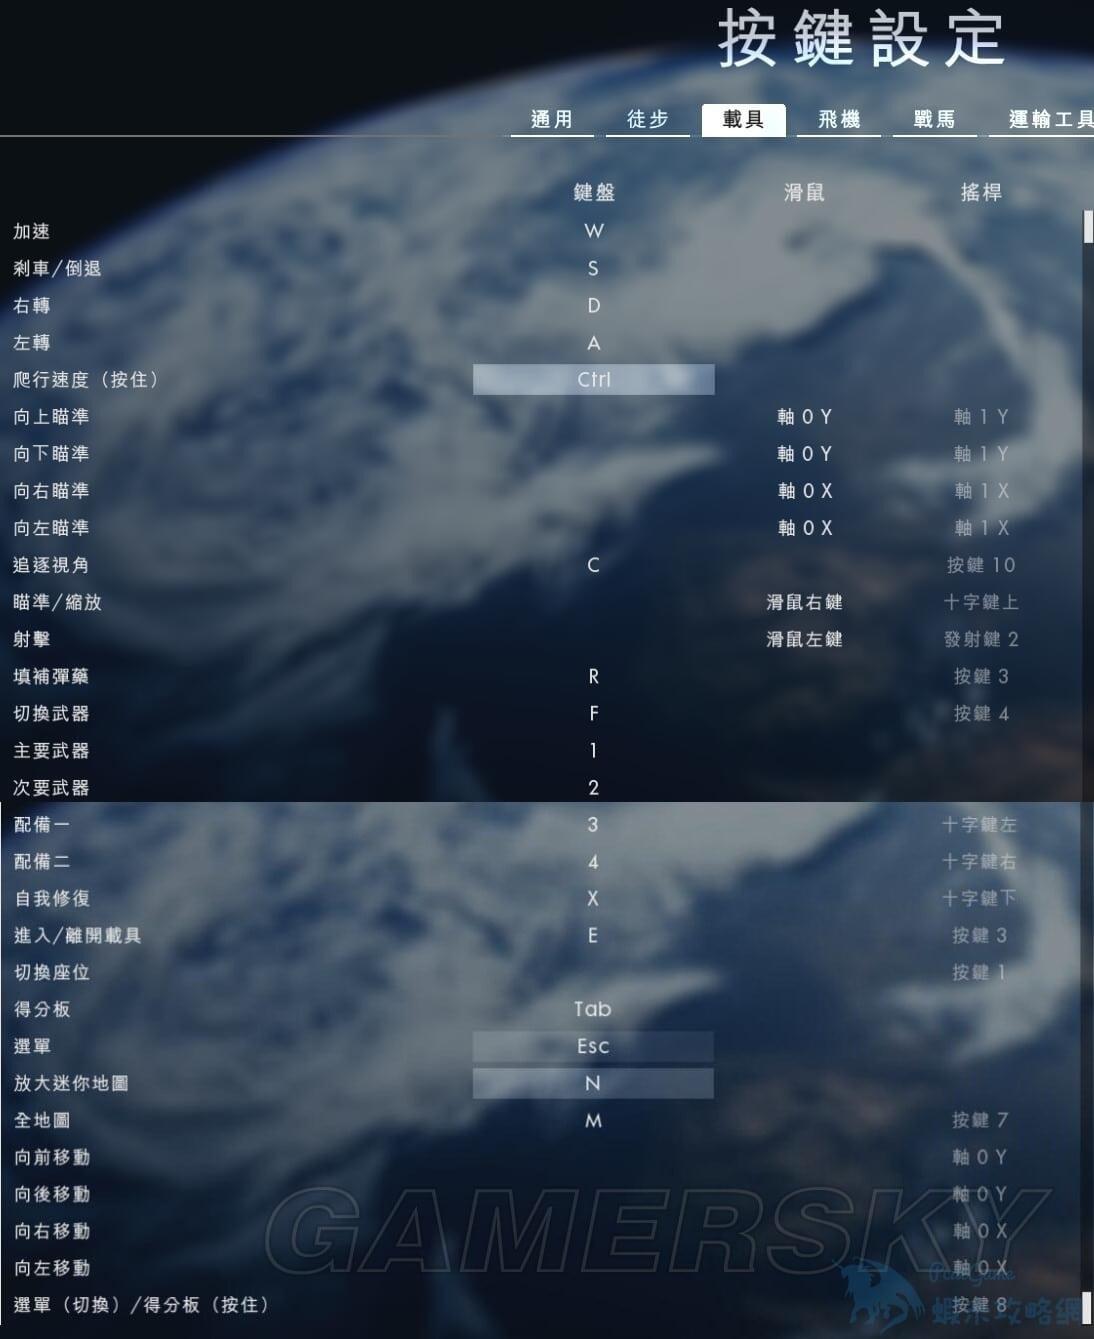 戰地風雲1 怎麼操作 按鍵操作方法詳細介紹